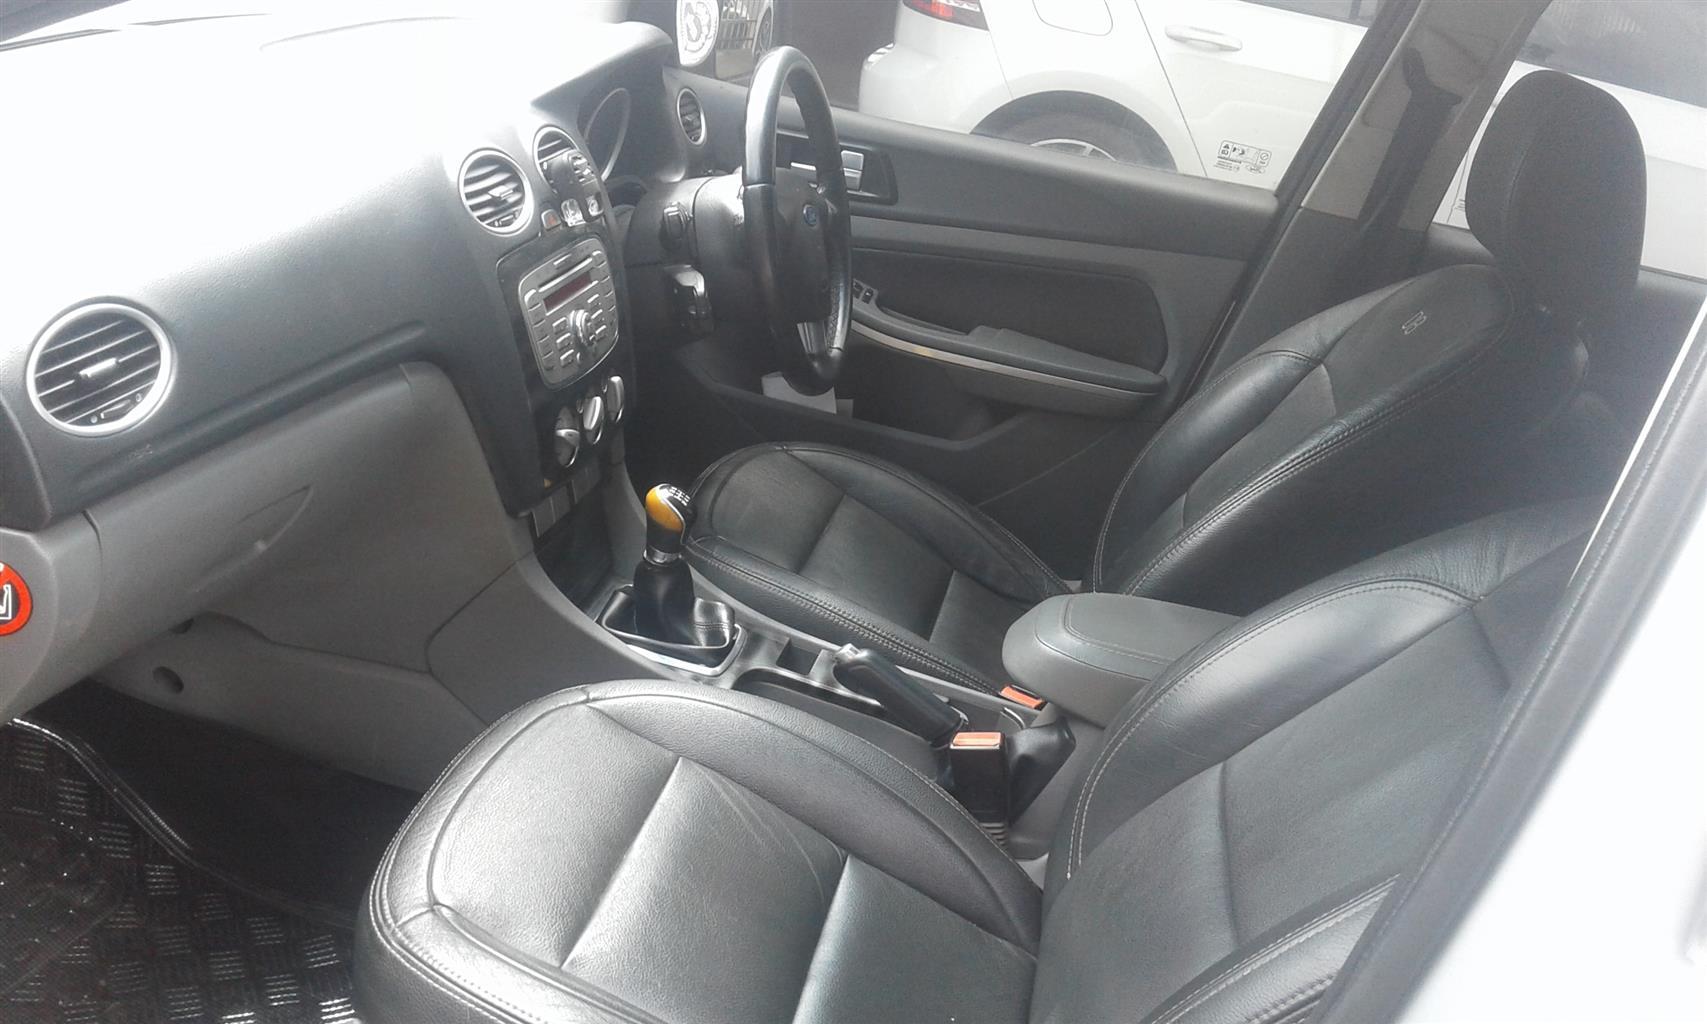 2007 Ford Focus 2.0 5 door Si